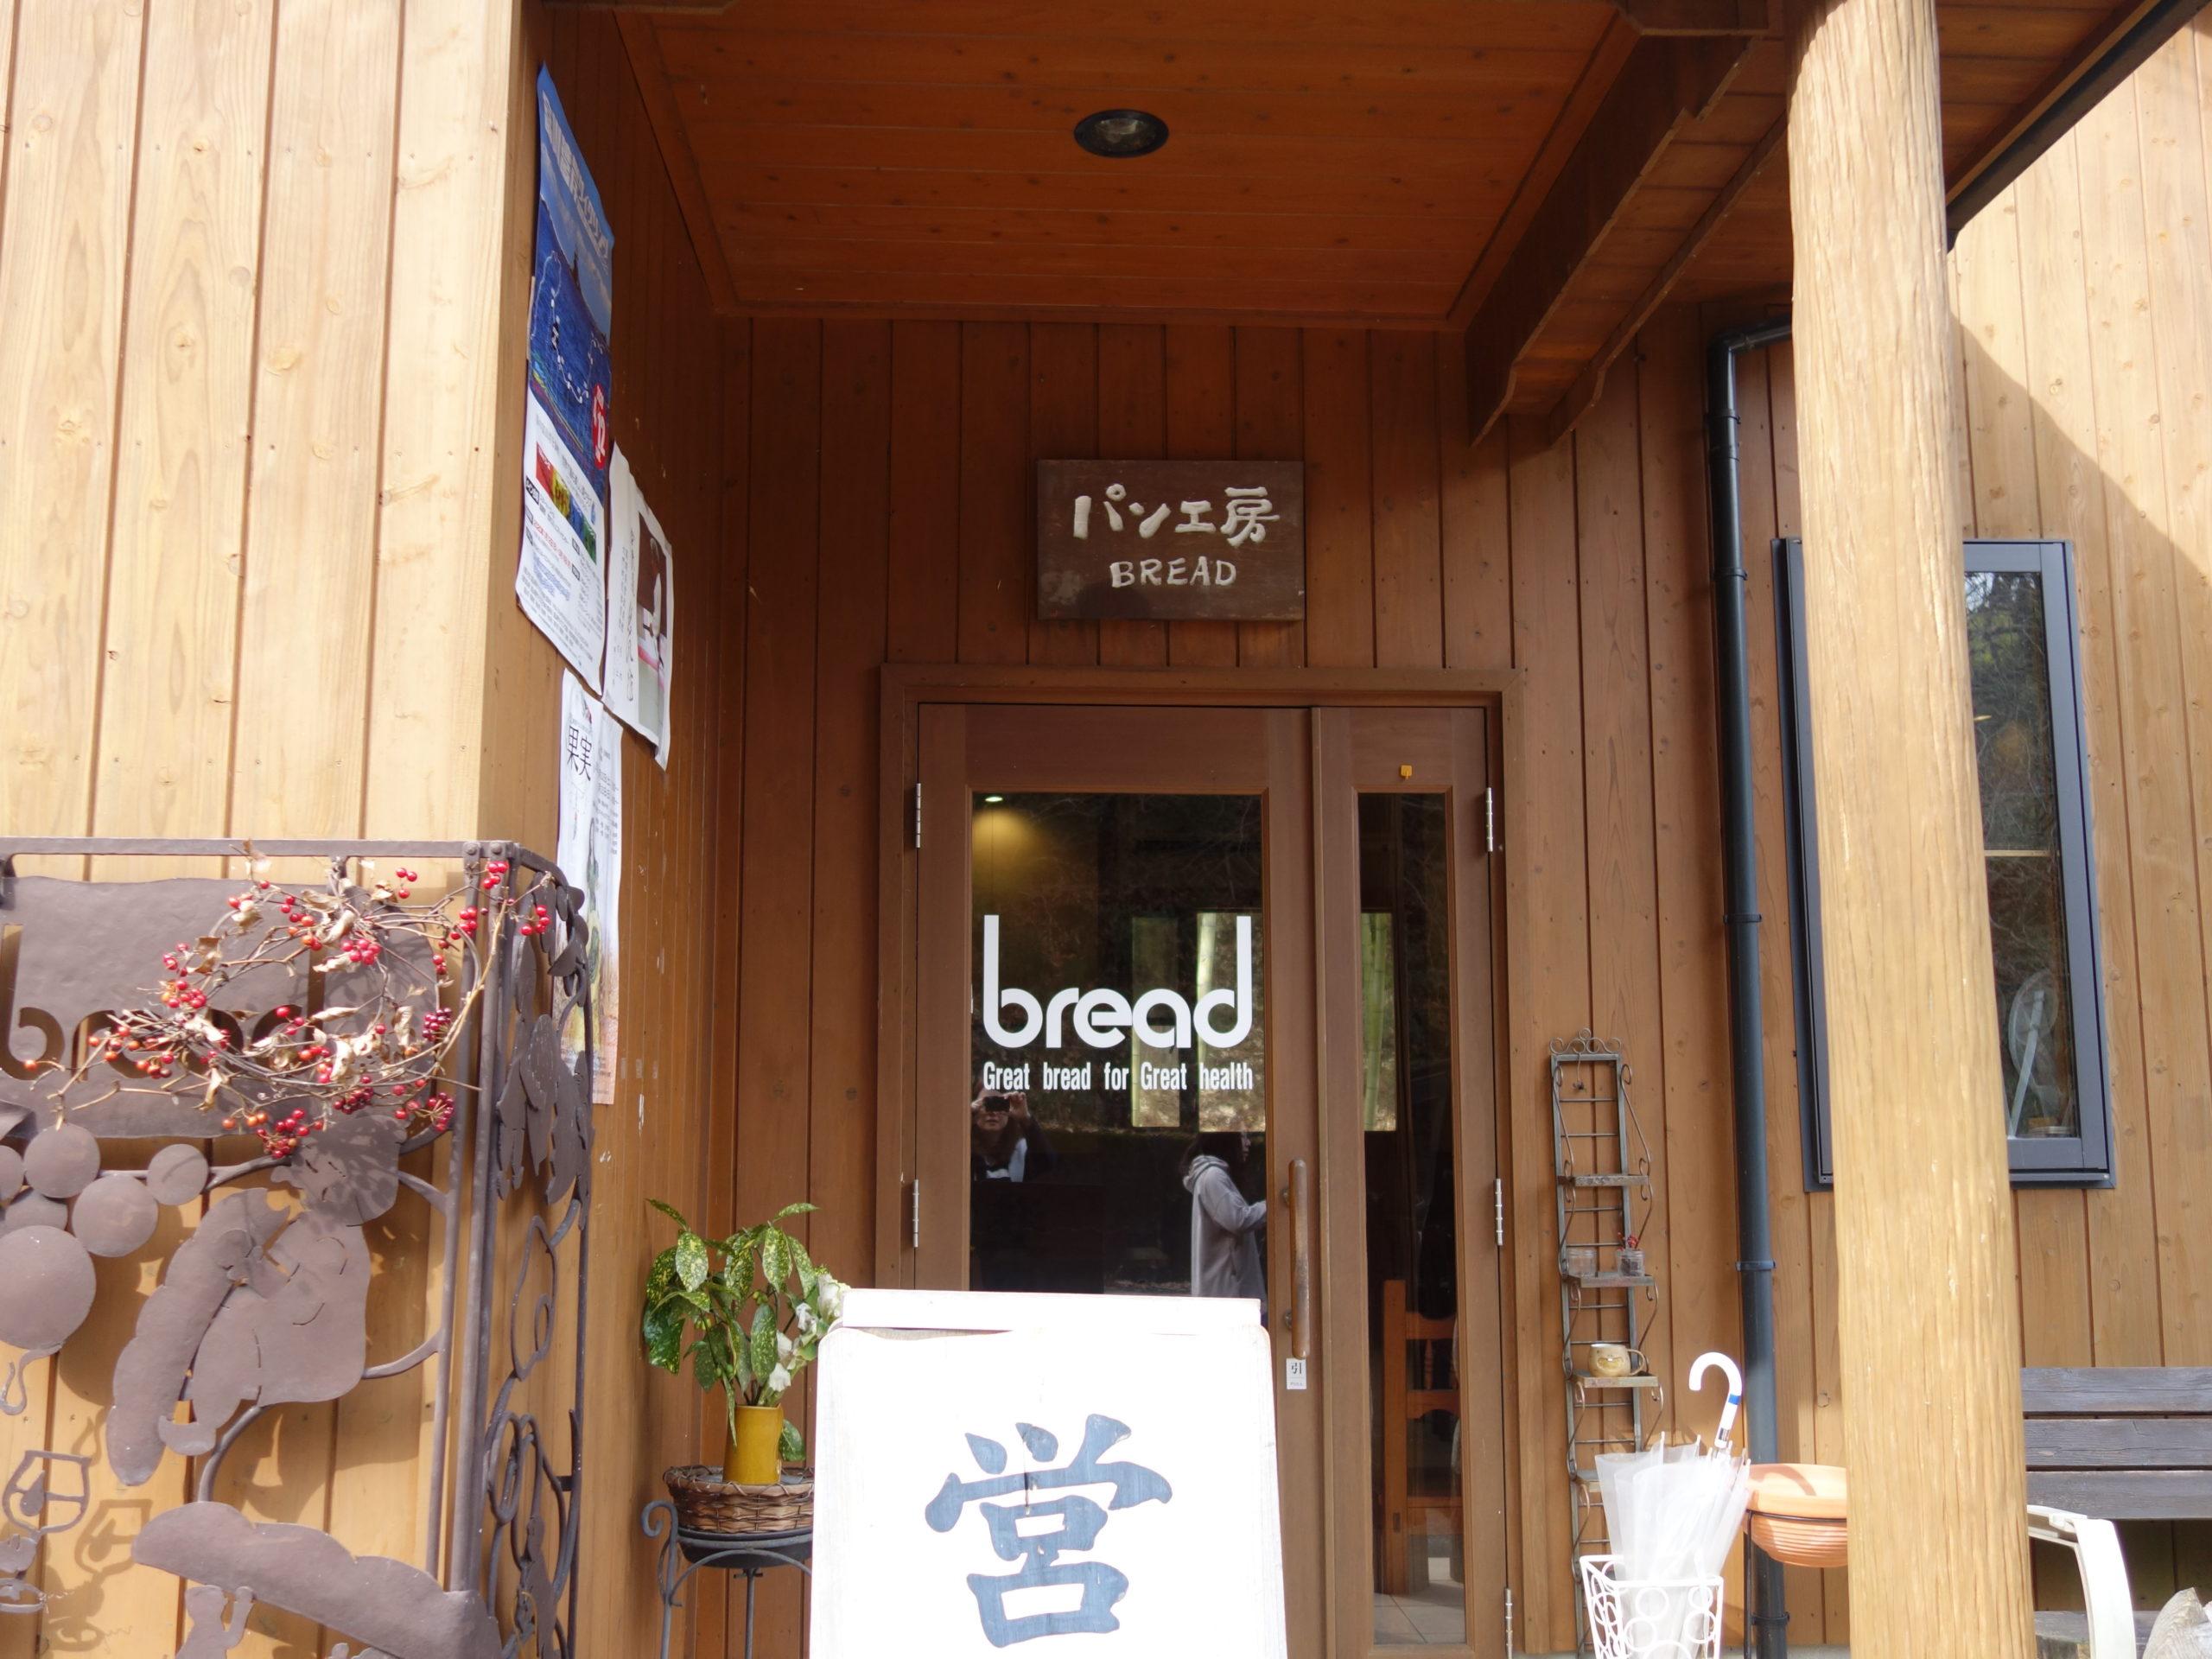 高岡市西田【パン工房 ブレッド】は山の上まで行く価値あり!